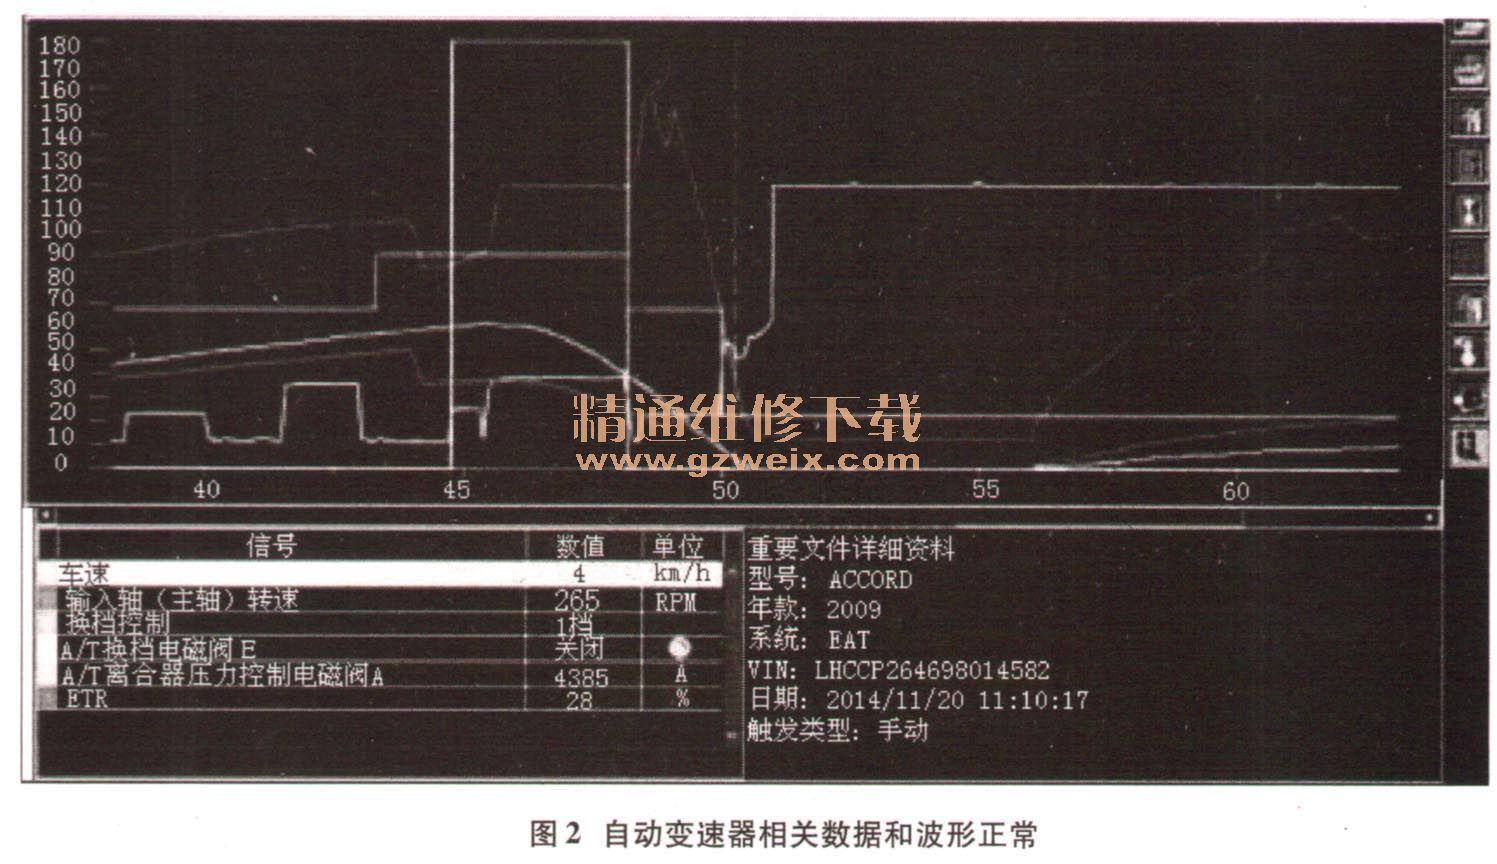 本田雅阁轿车自动变速器滤清器堵塞故障检修